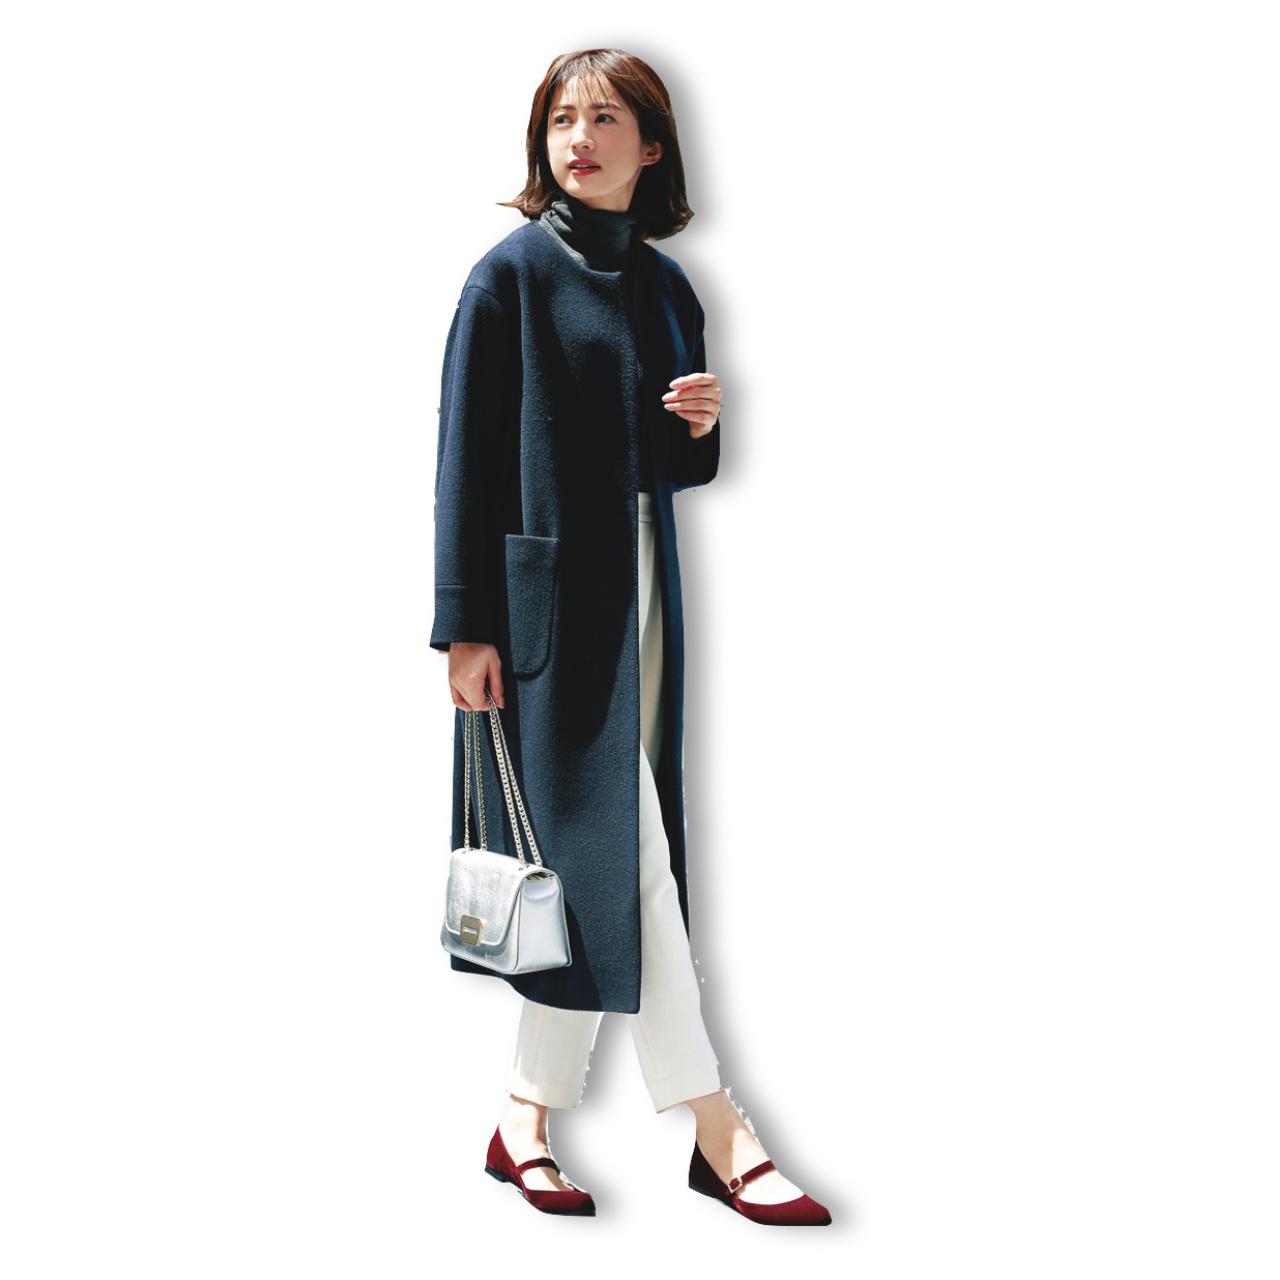 コート×白パンツのファッションコーデ